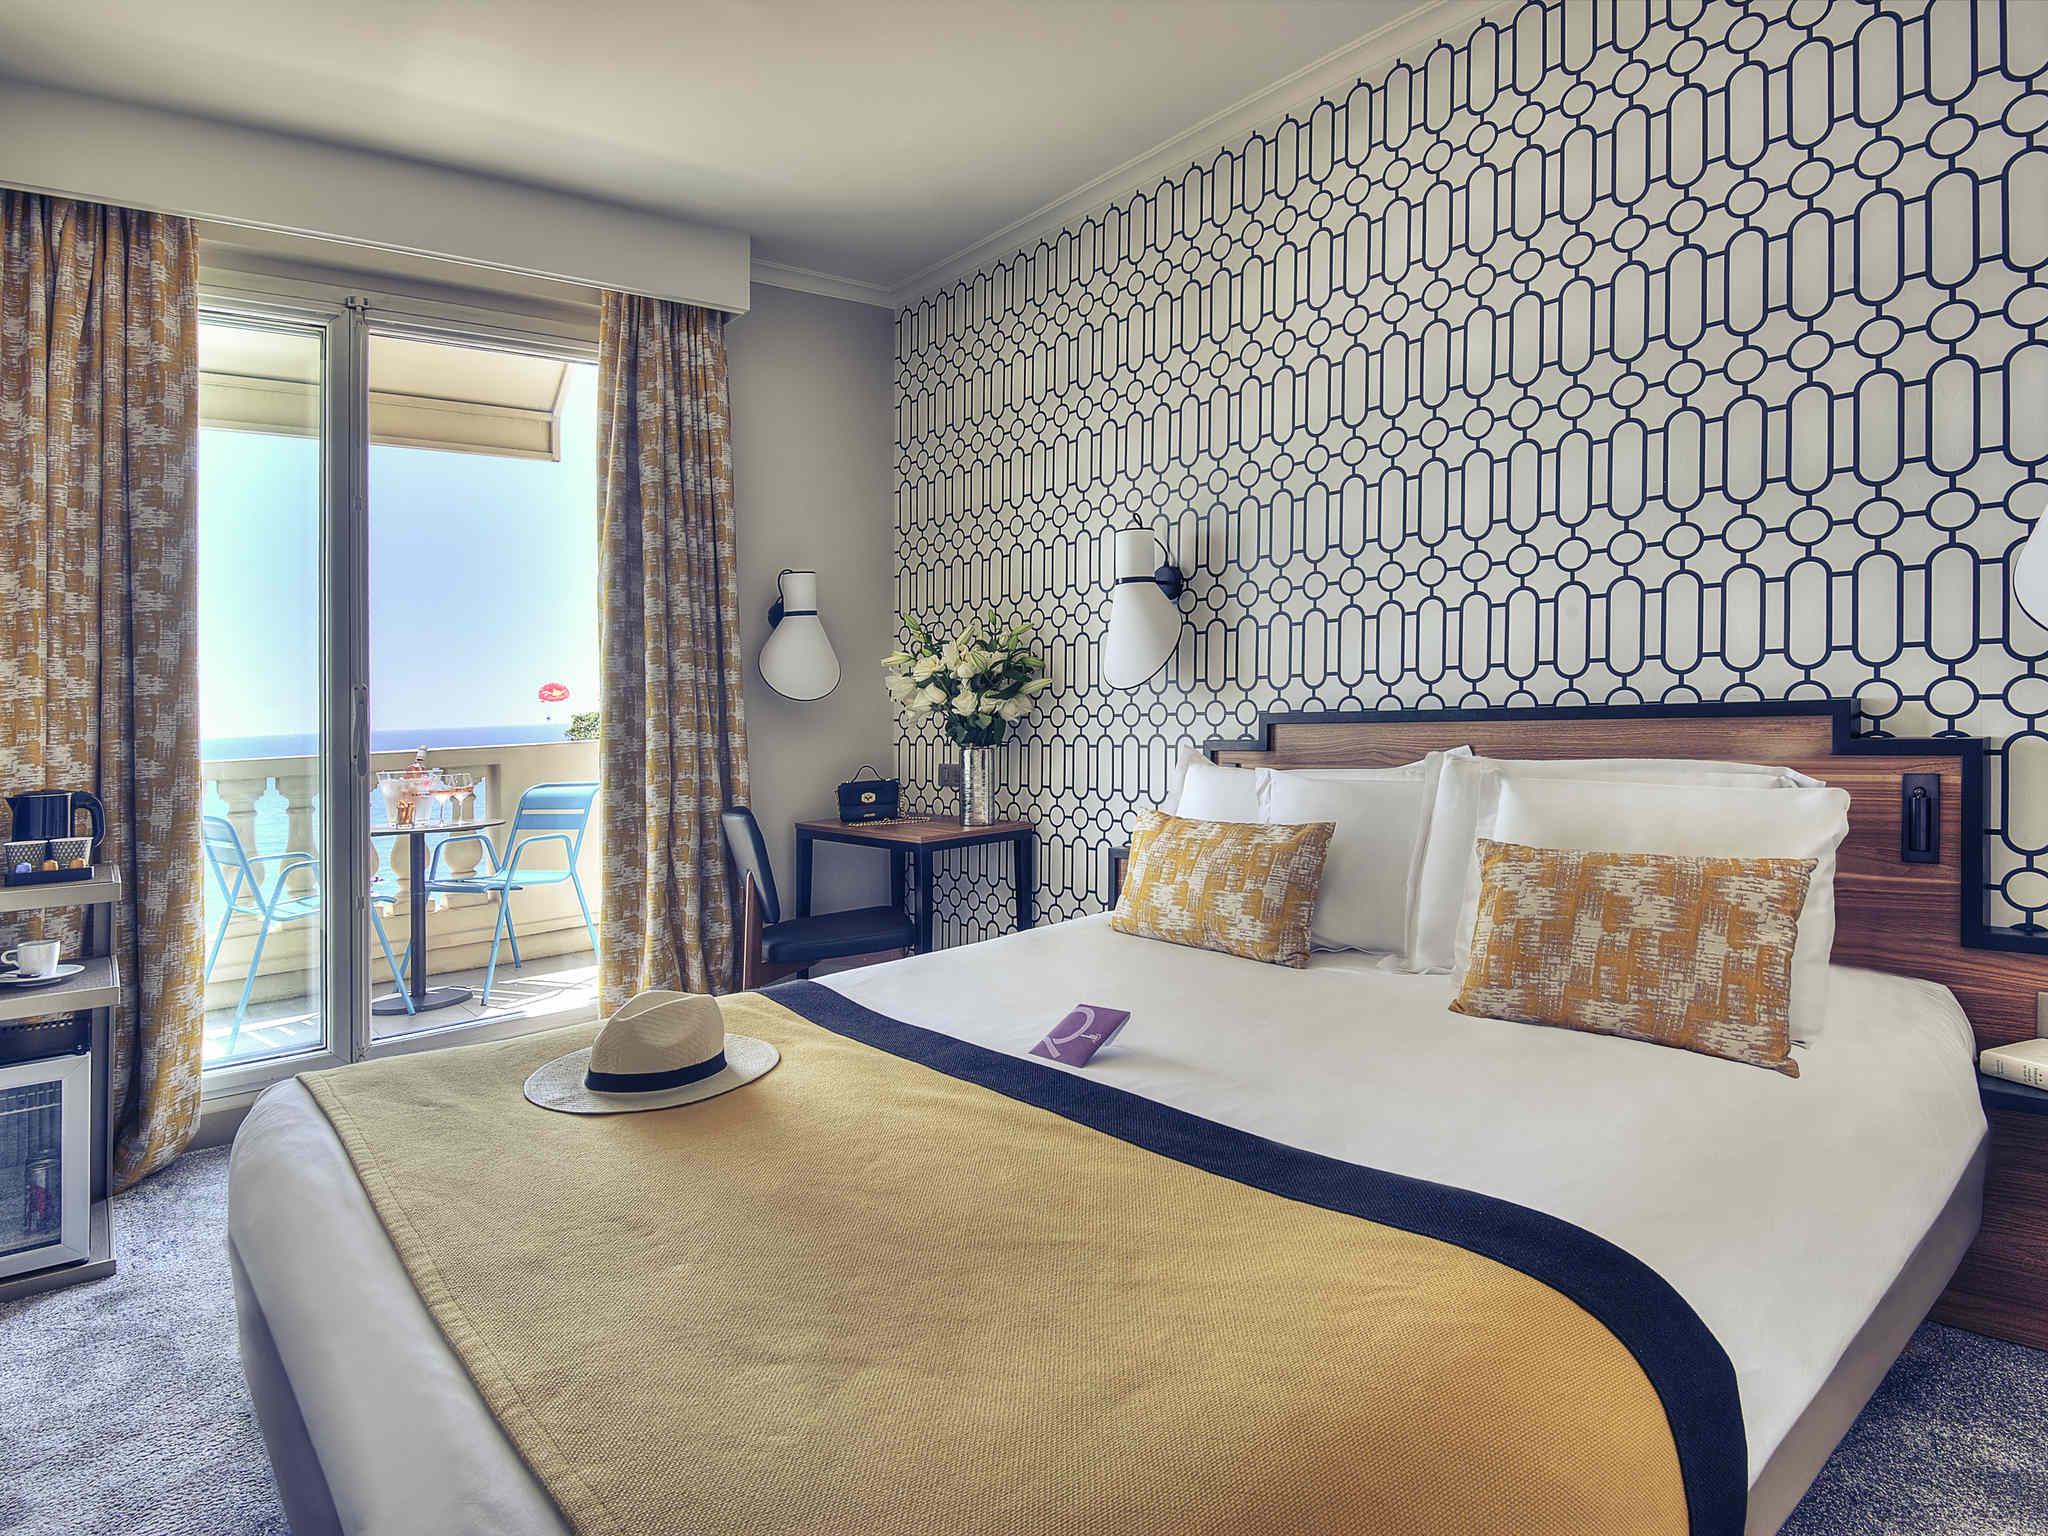 Hotel in NICE - Mercure Nice Marche aux Fleurs Hotel